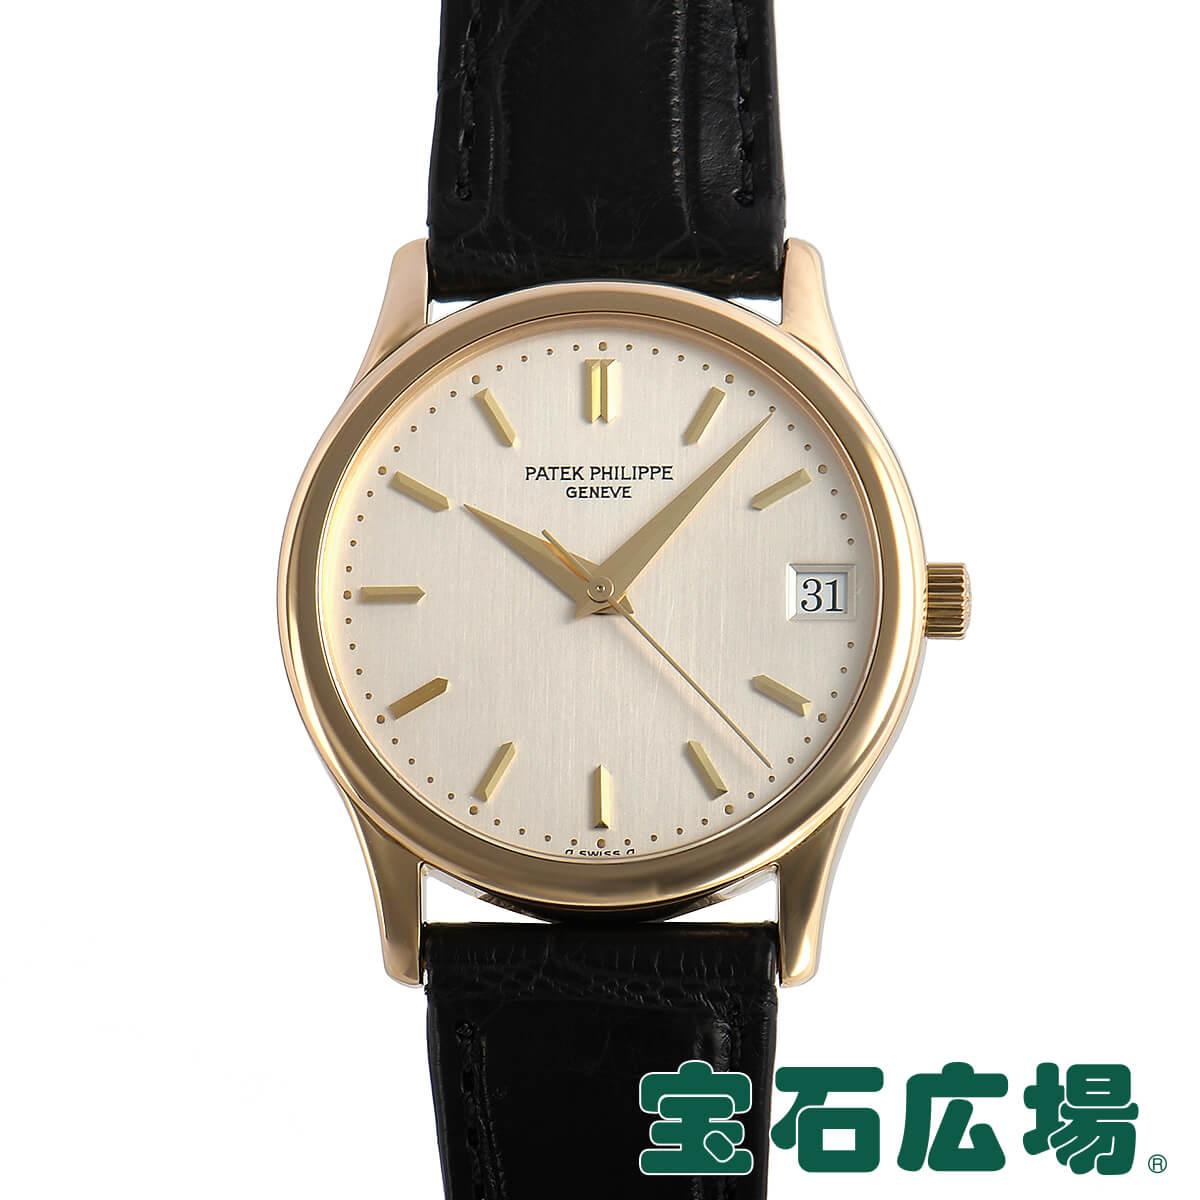 流行に  パテックフィリップ PATEK PHILIPPE カラトラバ 3998 カラトラバ【】メンズ 送料無料 腕時計 PATEK 送料無料, mineoストア:bcfccc4e --- eamgalib.ru